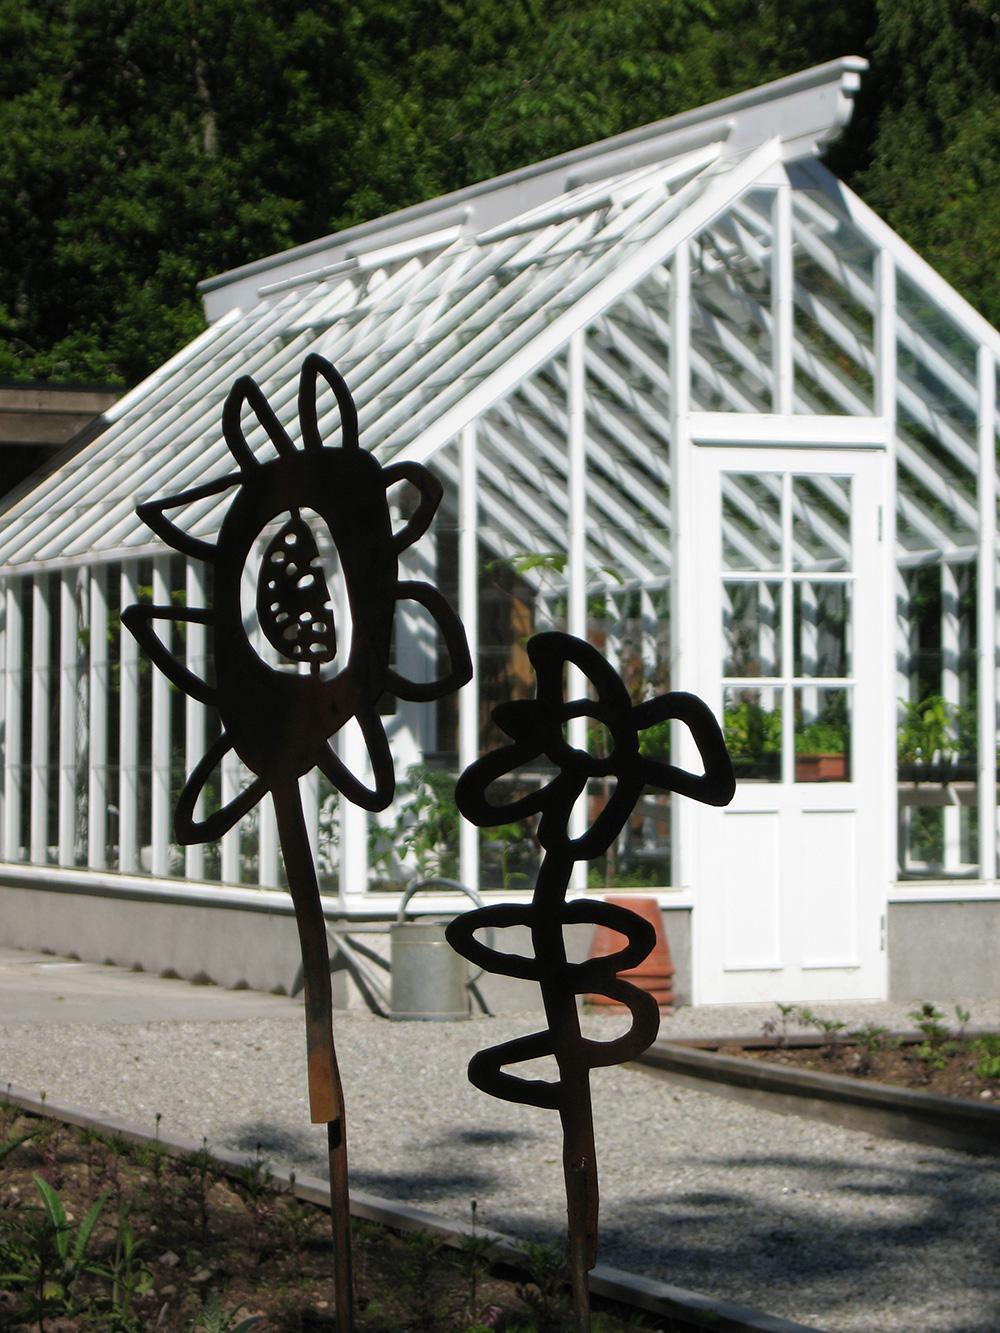 Blommor, bin & barn, 2009, konstprojekt Ockelbo Kommun, av mfj-form